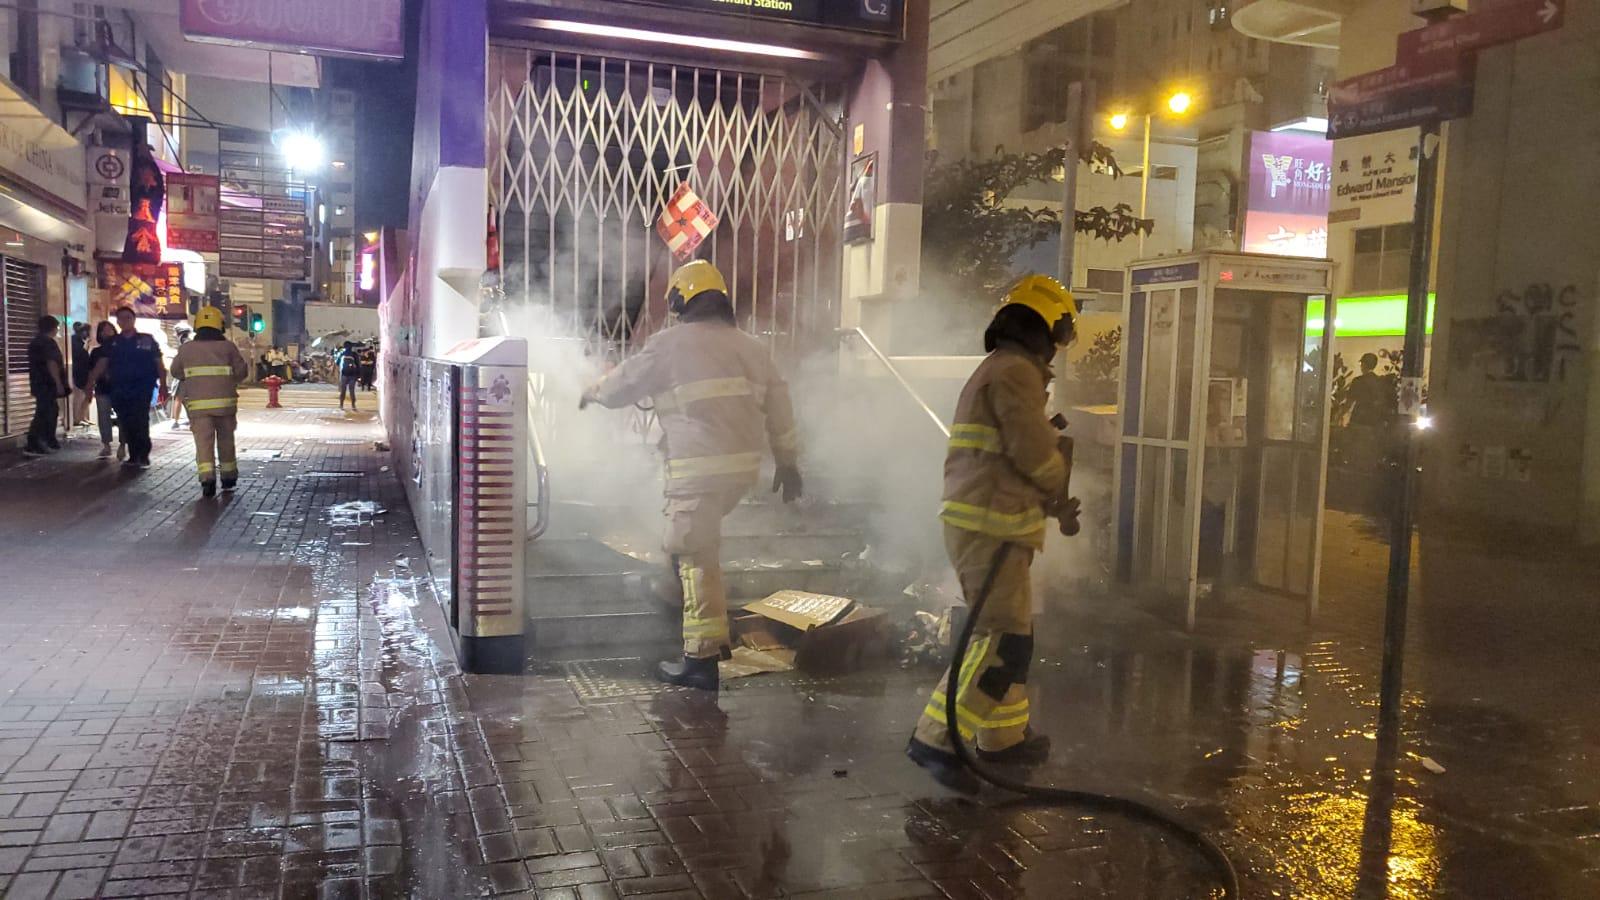 【831冲突2个月】示威者堵路破坏纵火 防暴警旺角催泪弹驱散